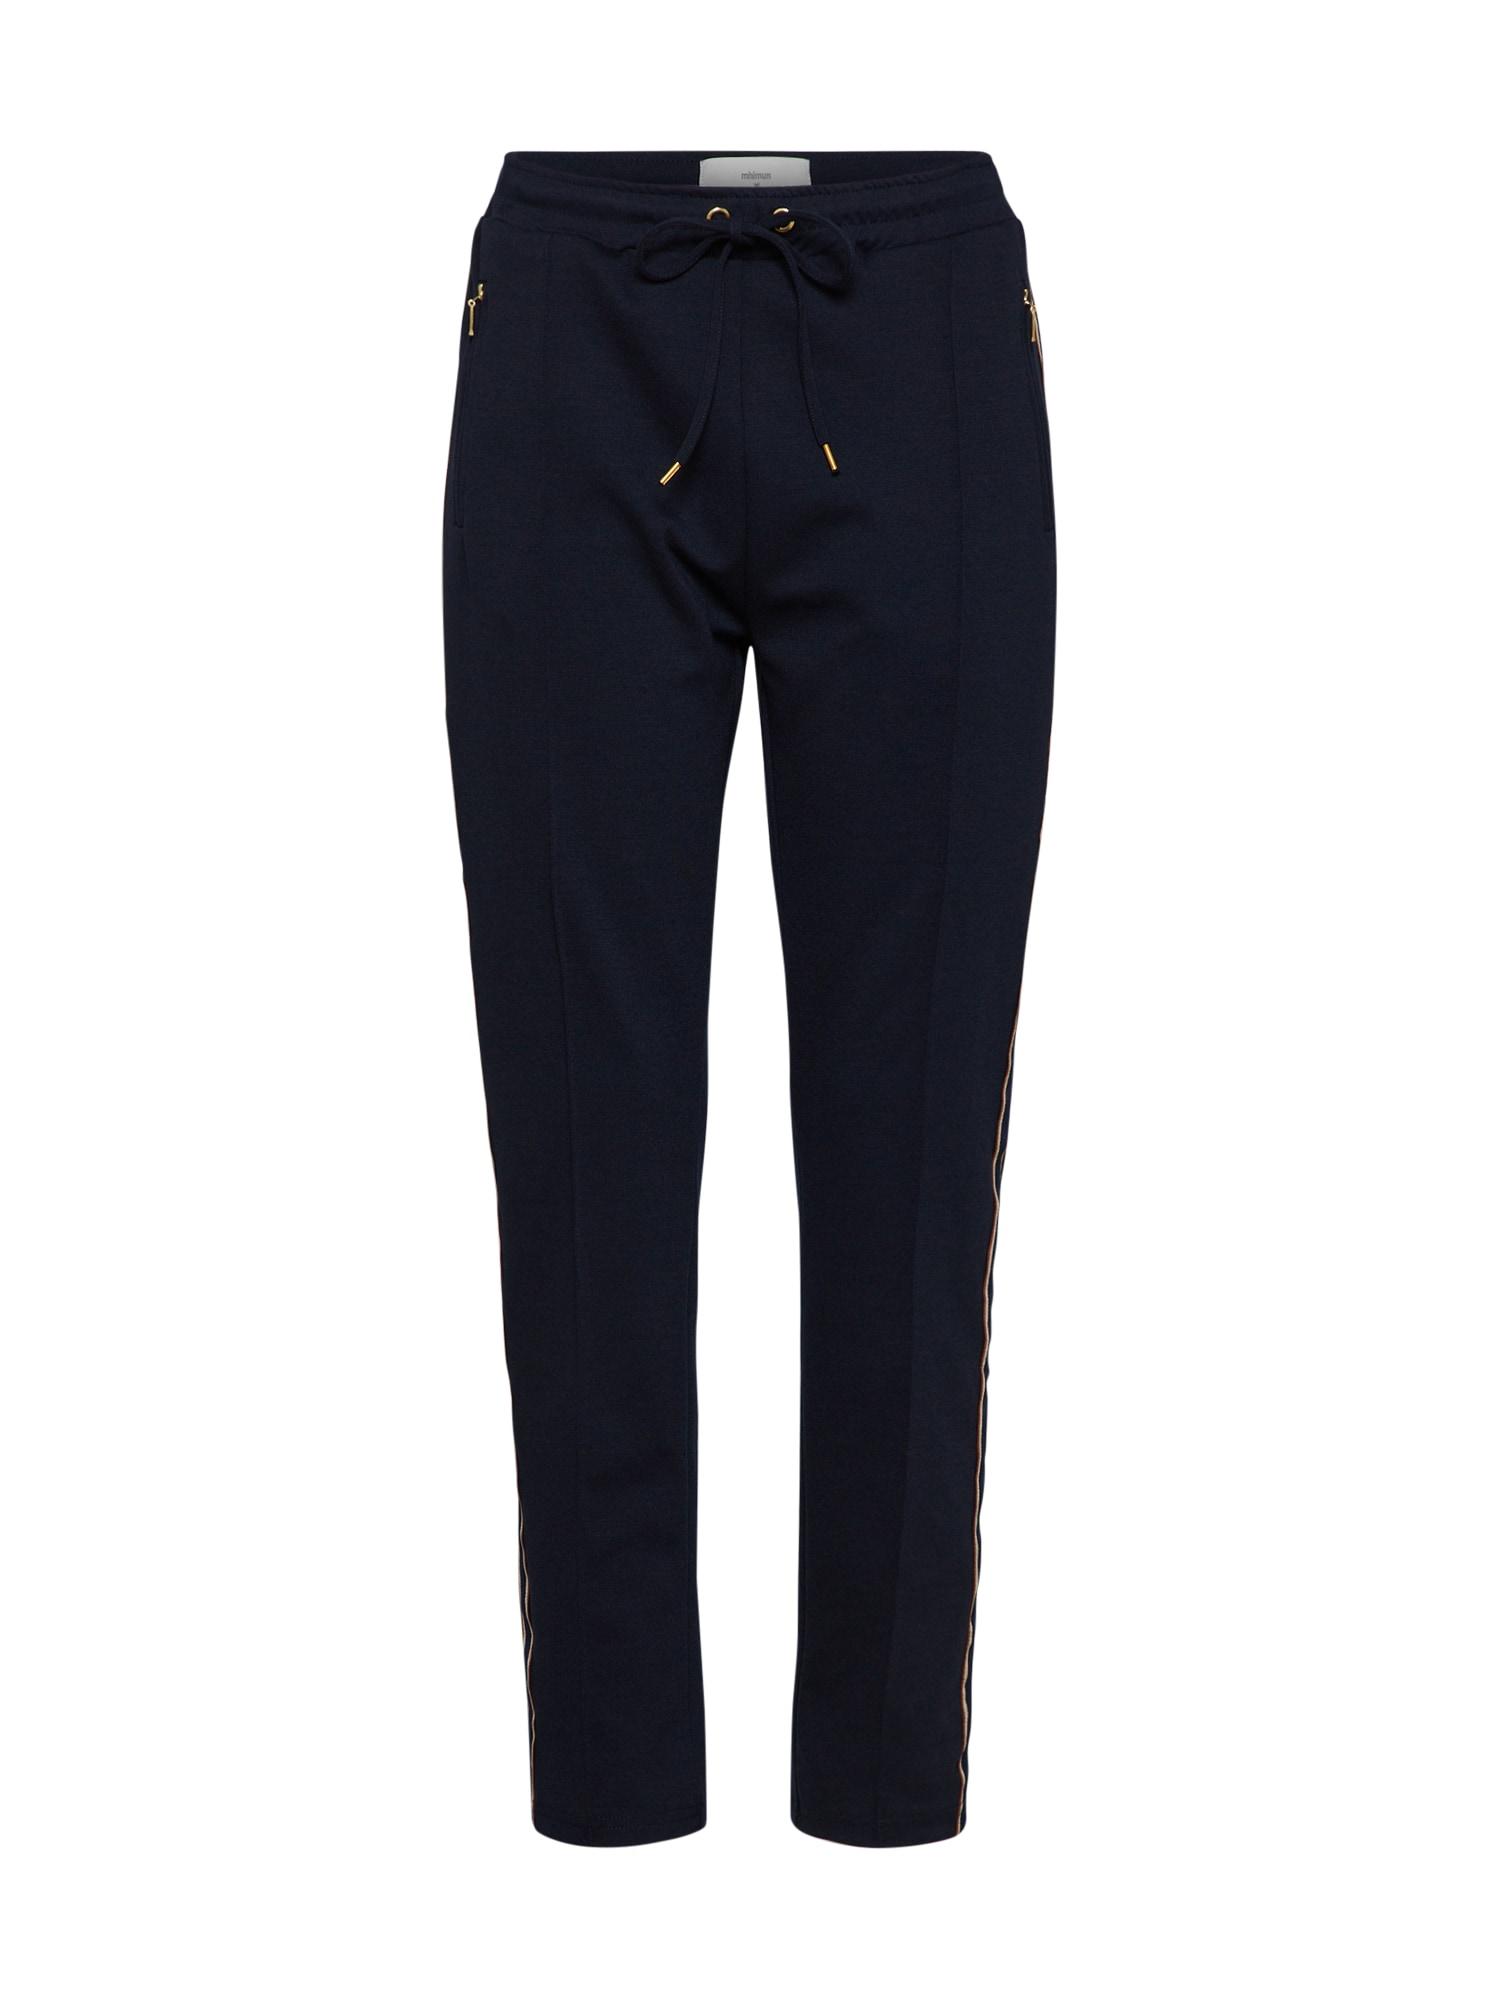 Kalhoty se sklady v pase Titta Pant námořnická modř Minimum